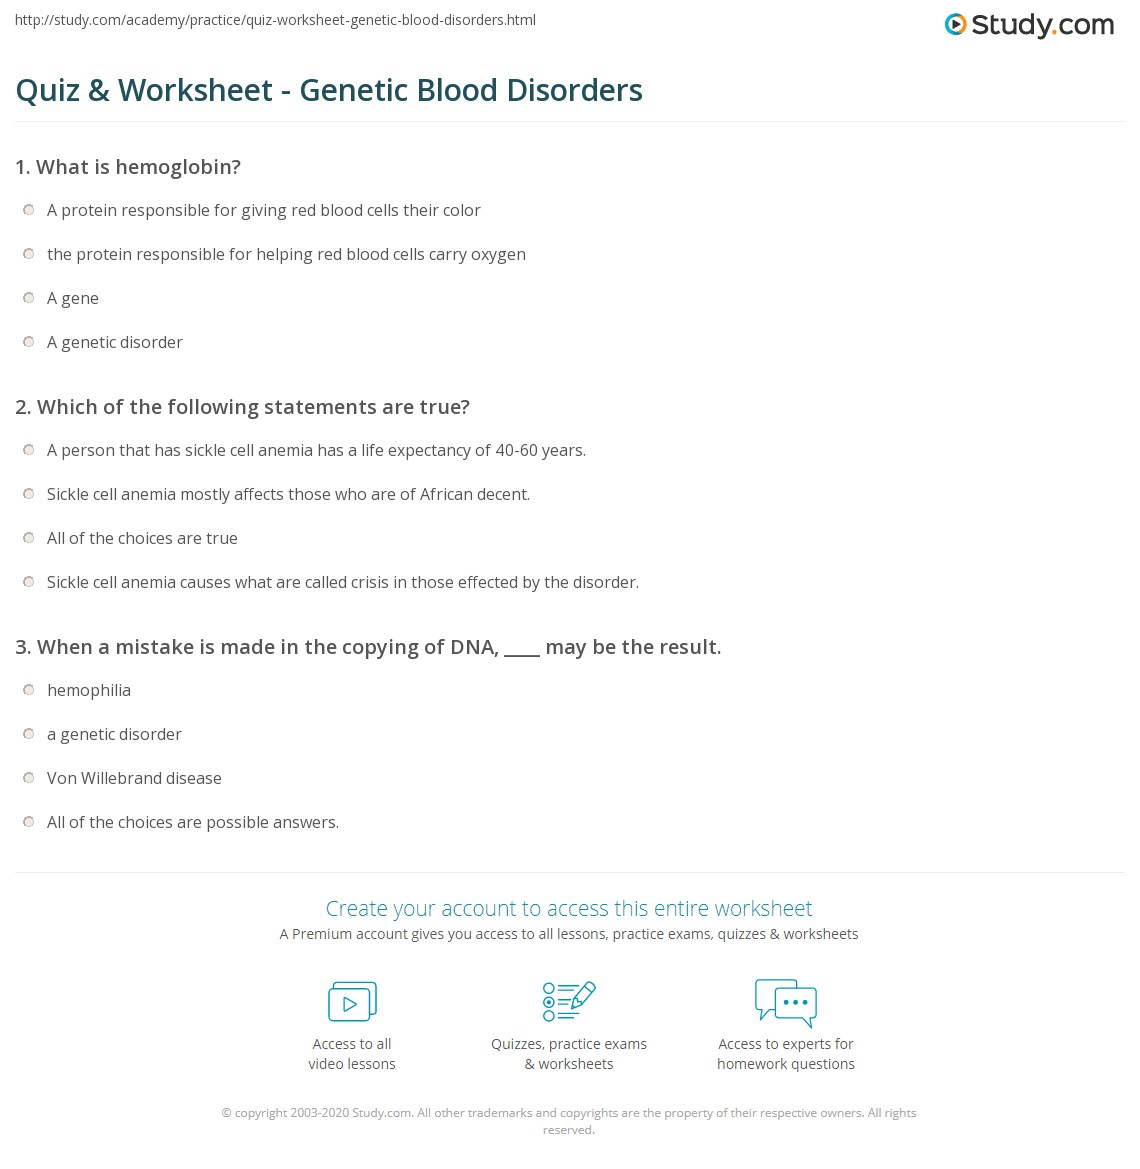 Quiz Worksheet Genetic Blood Disorders Study